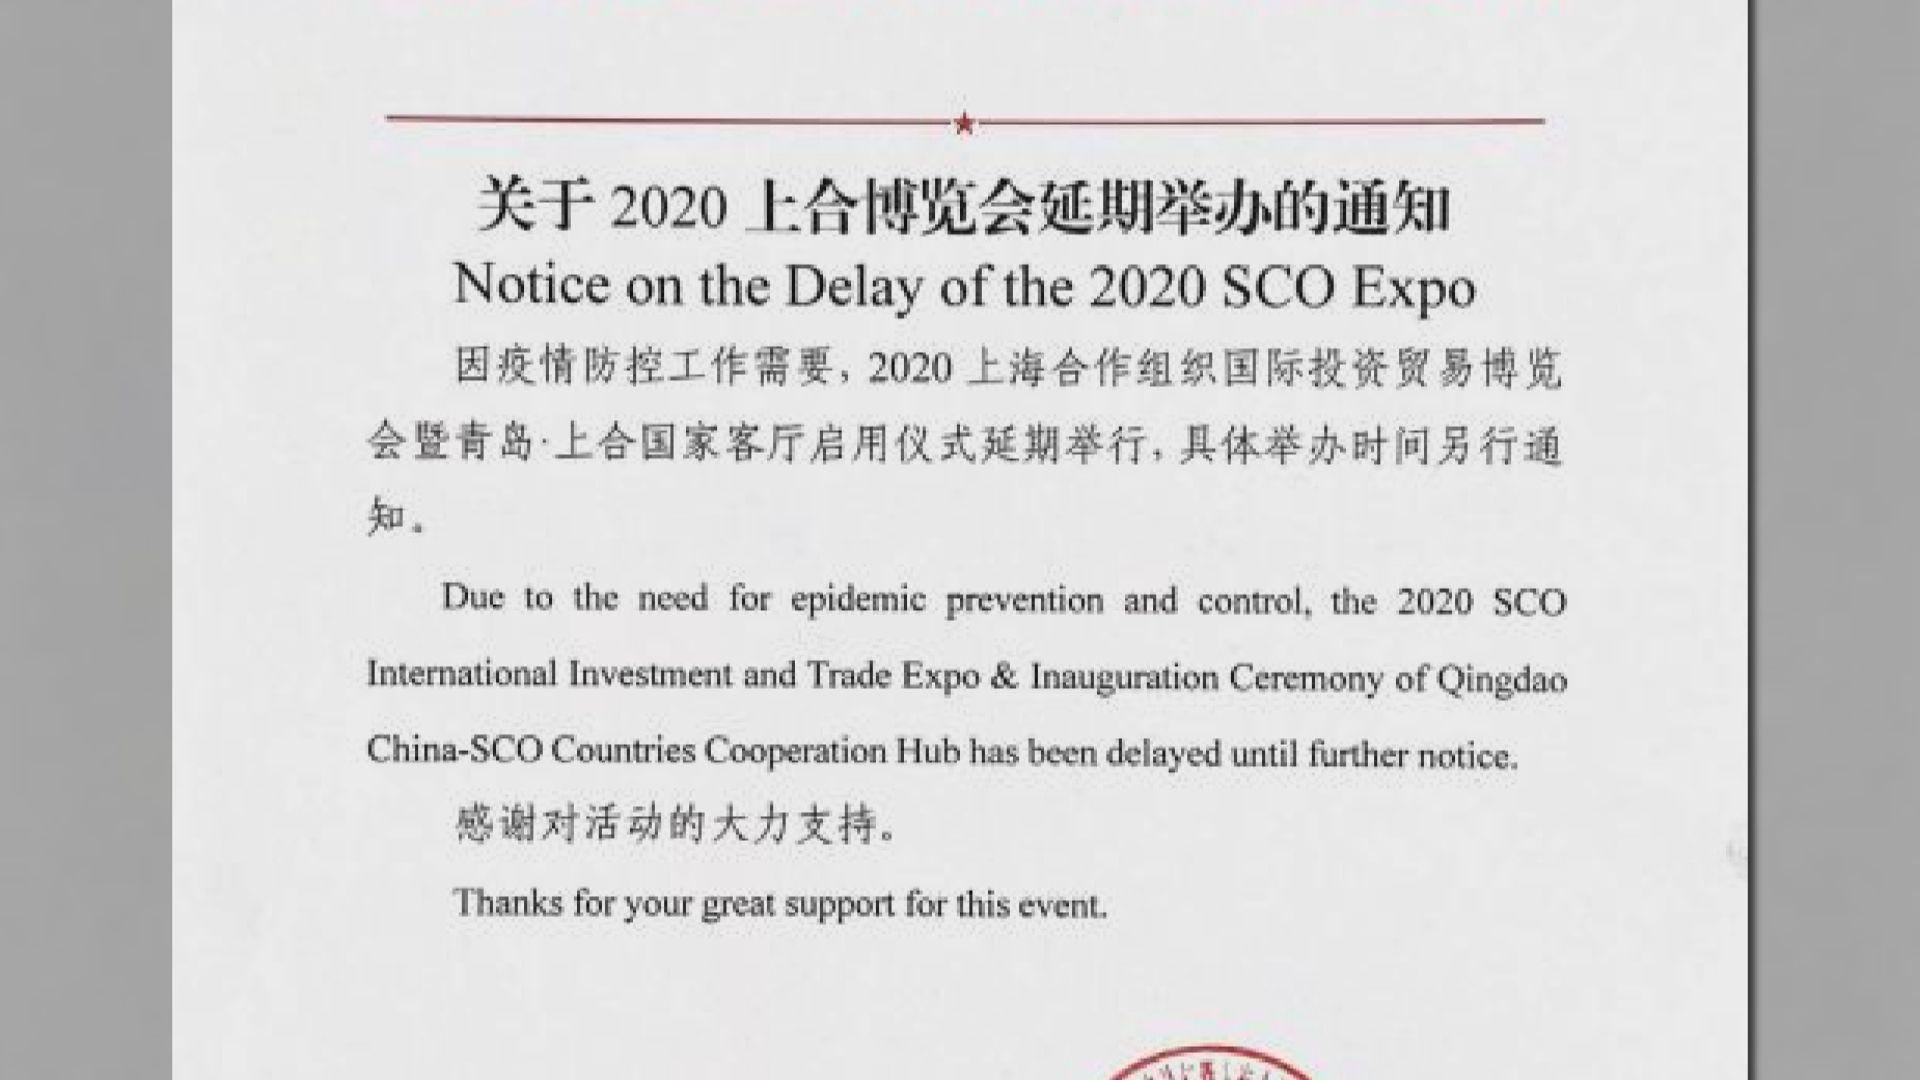 上海合作組織博覽會因應防疫押後